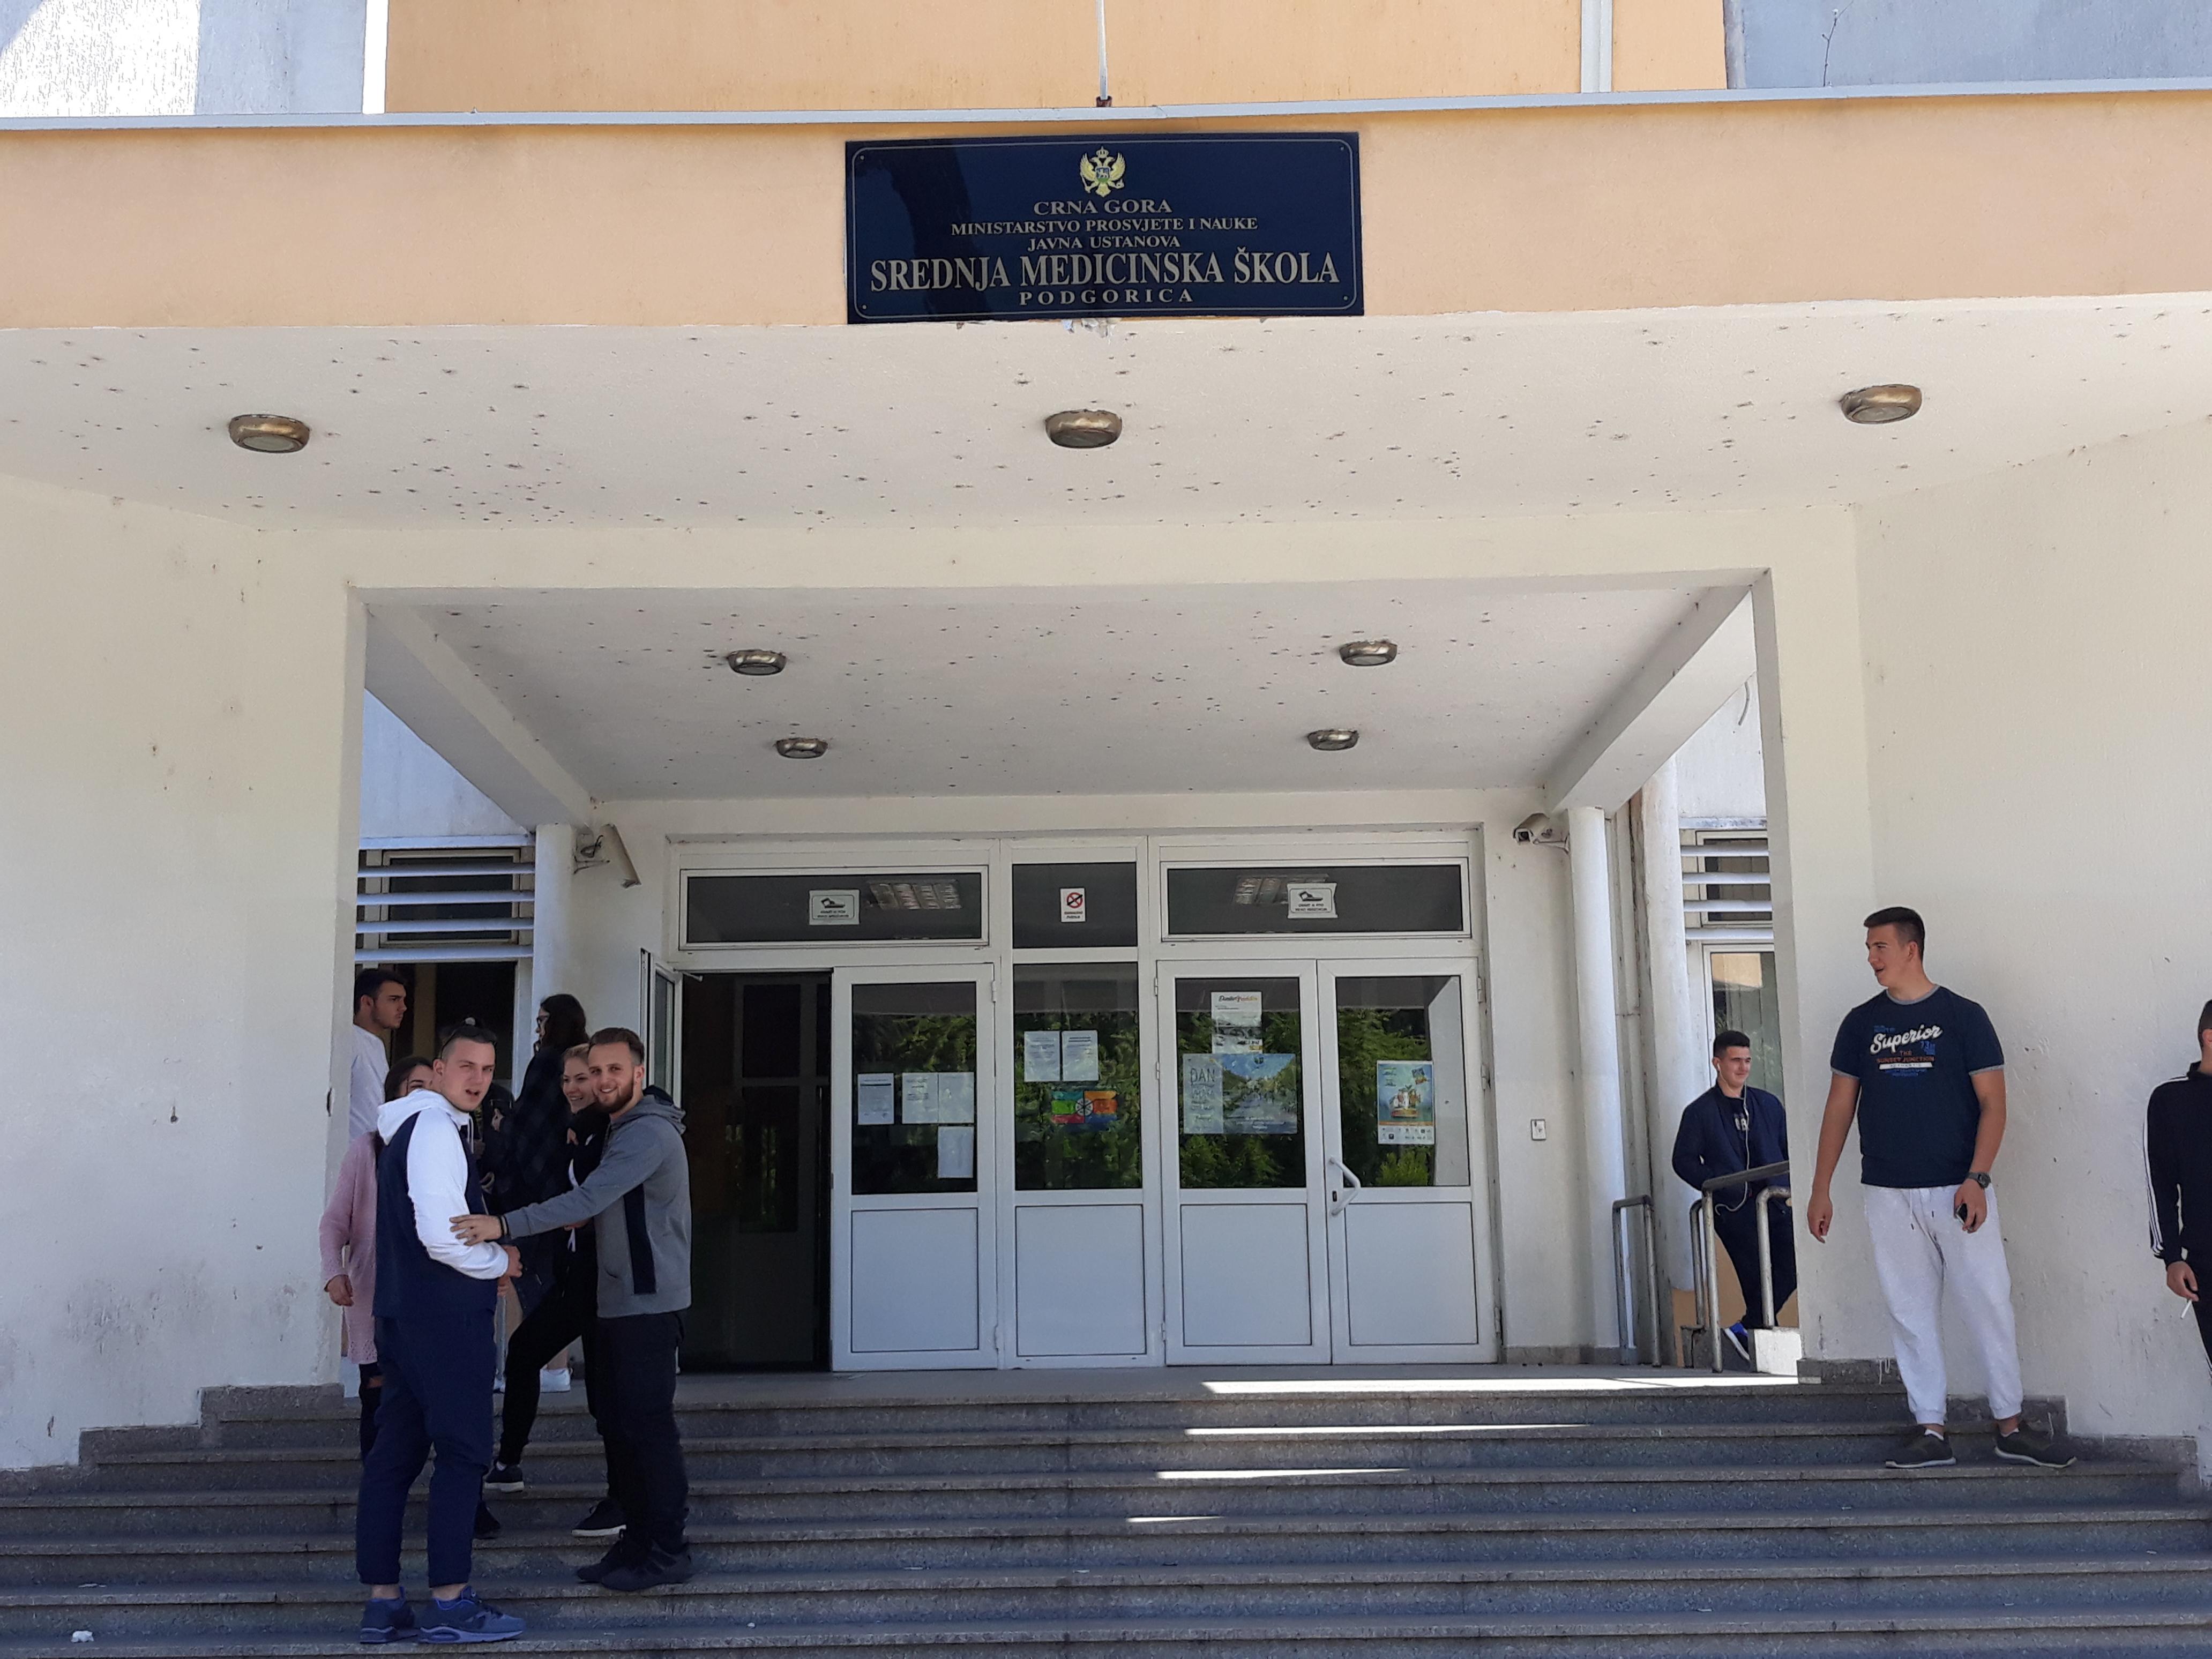 Promocija VŠSR u Srednjoj medicinskoj školi u Podgorici